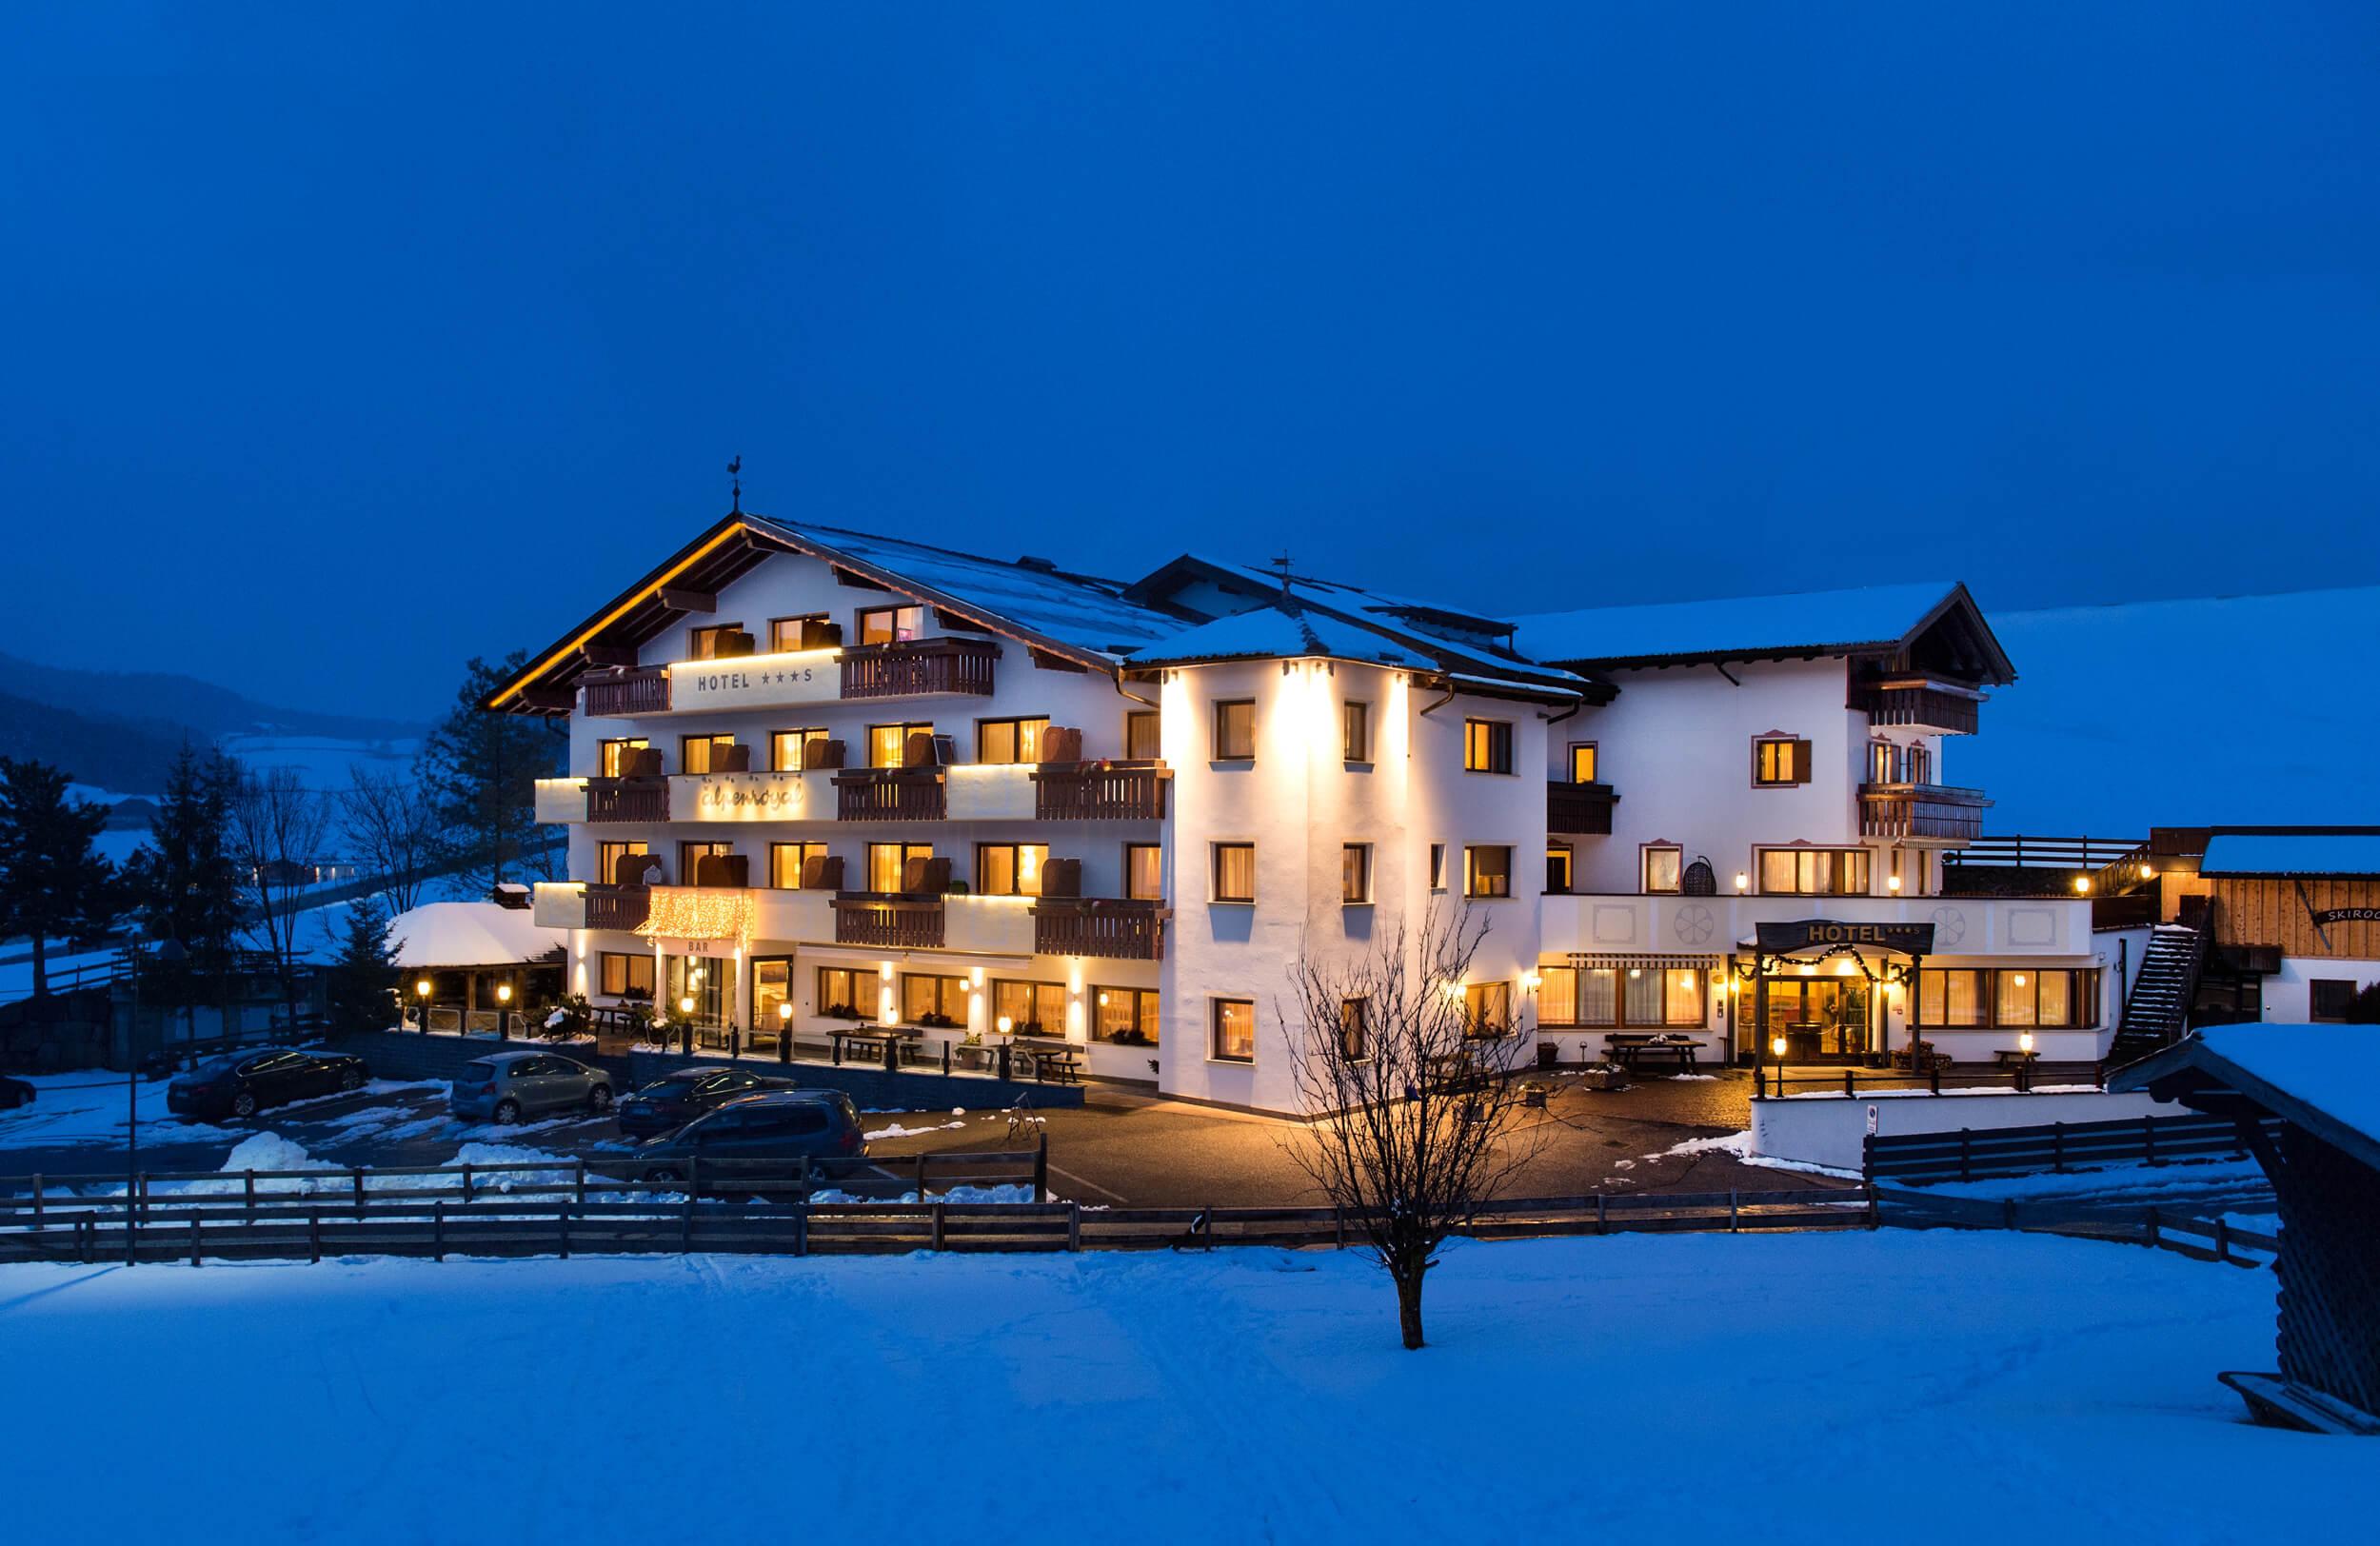 Alpenroyal - Rodzinne wyjazdy narciarskie do Włoch z PortaSki